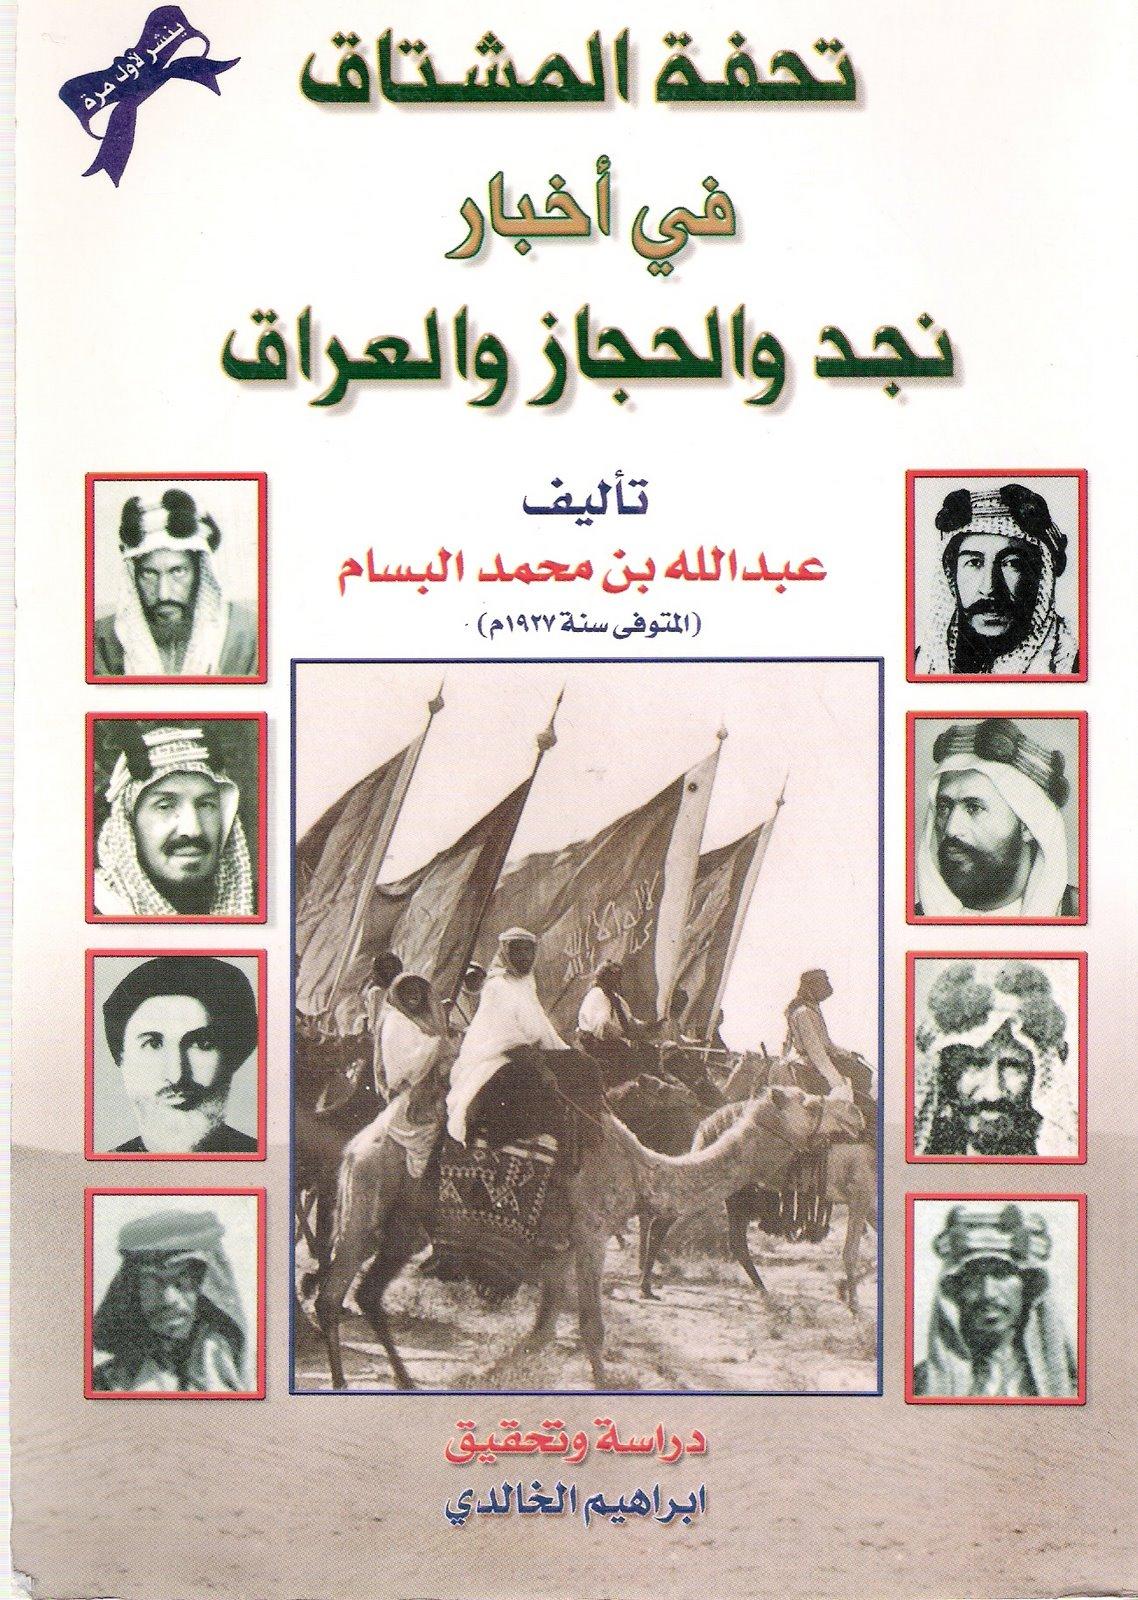 اسماء شیوخ و مشاهیر آل سویط القدماء فی التاریخ